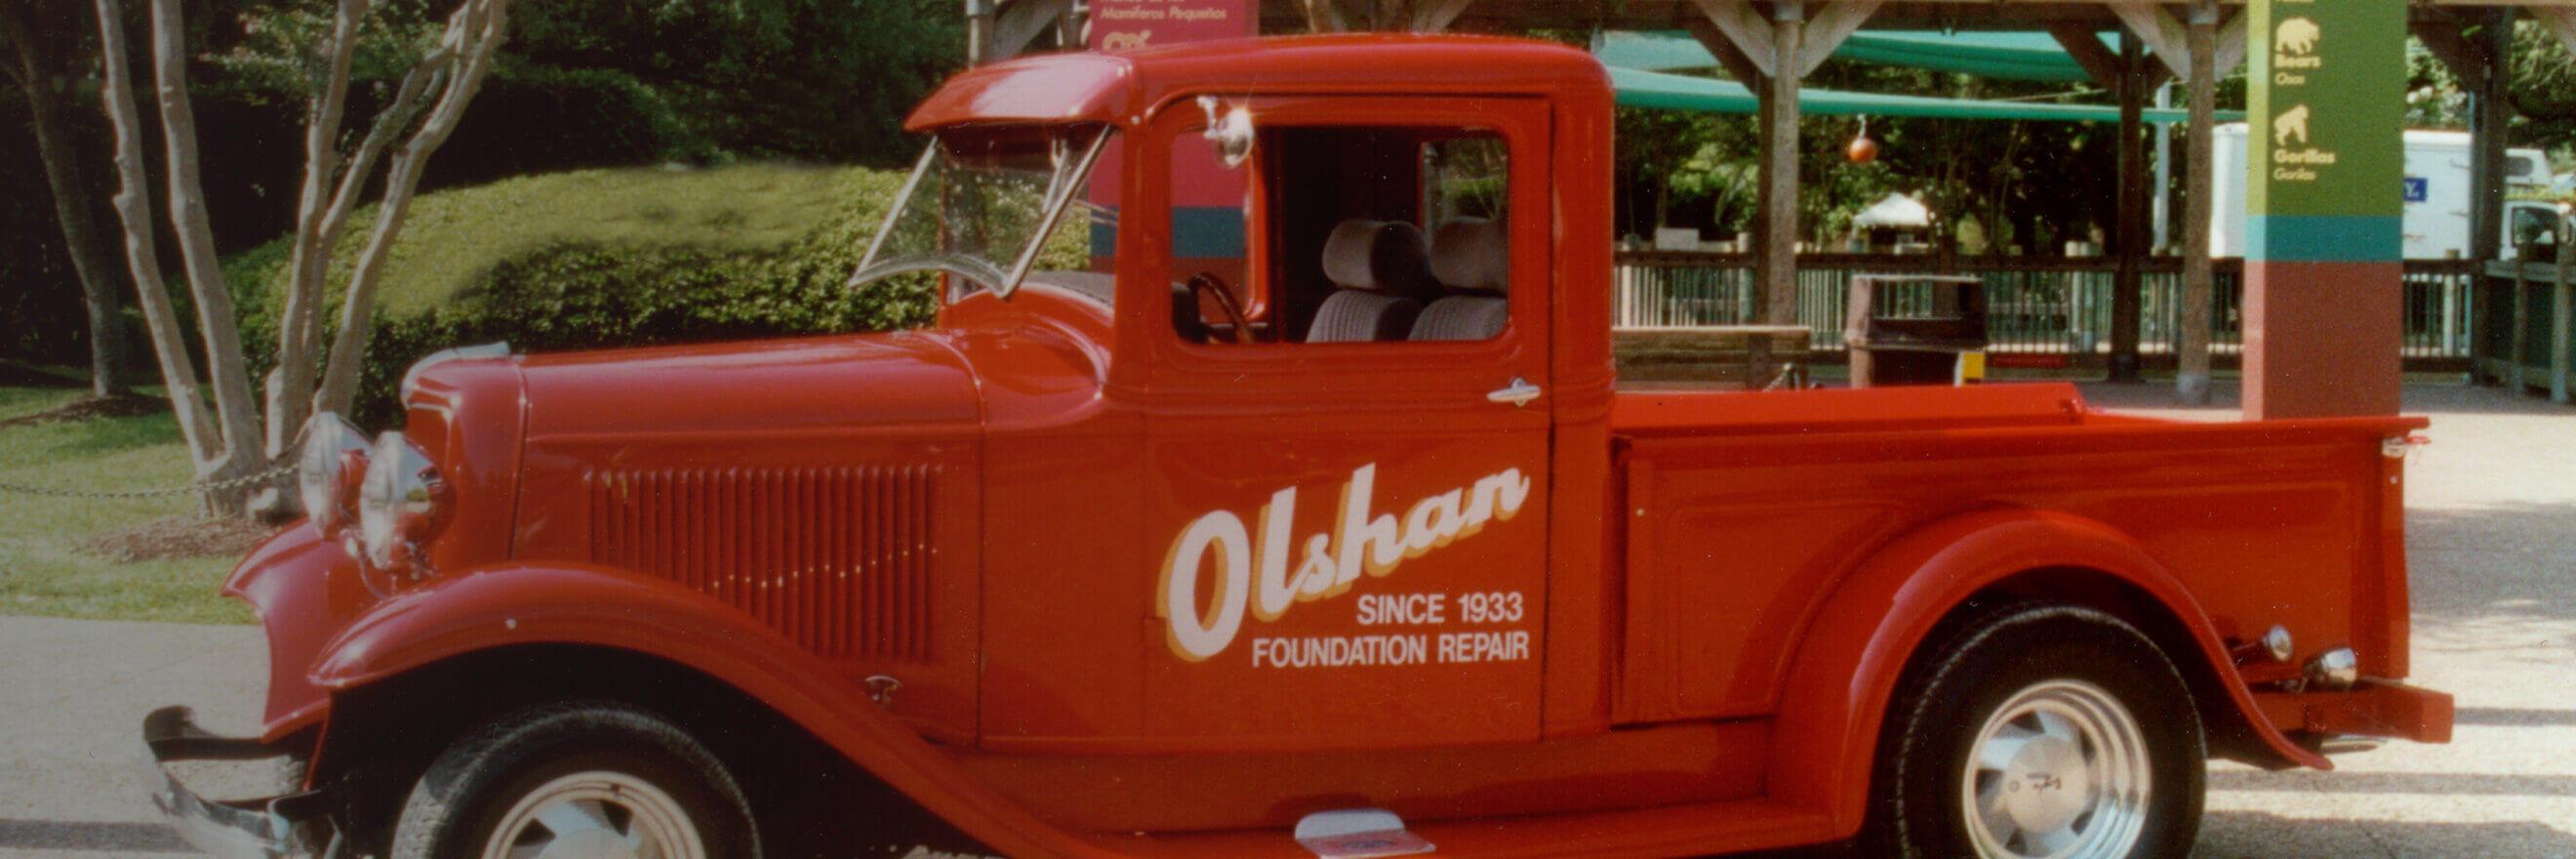 olshan truck